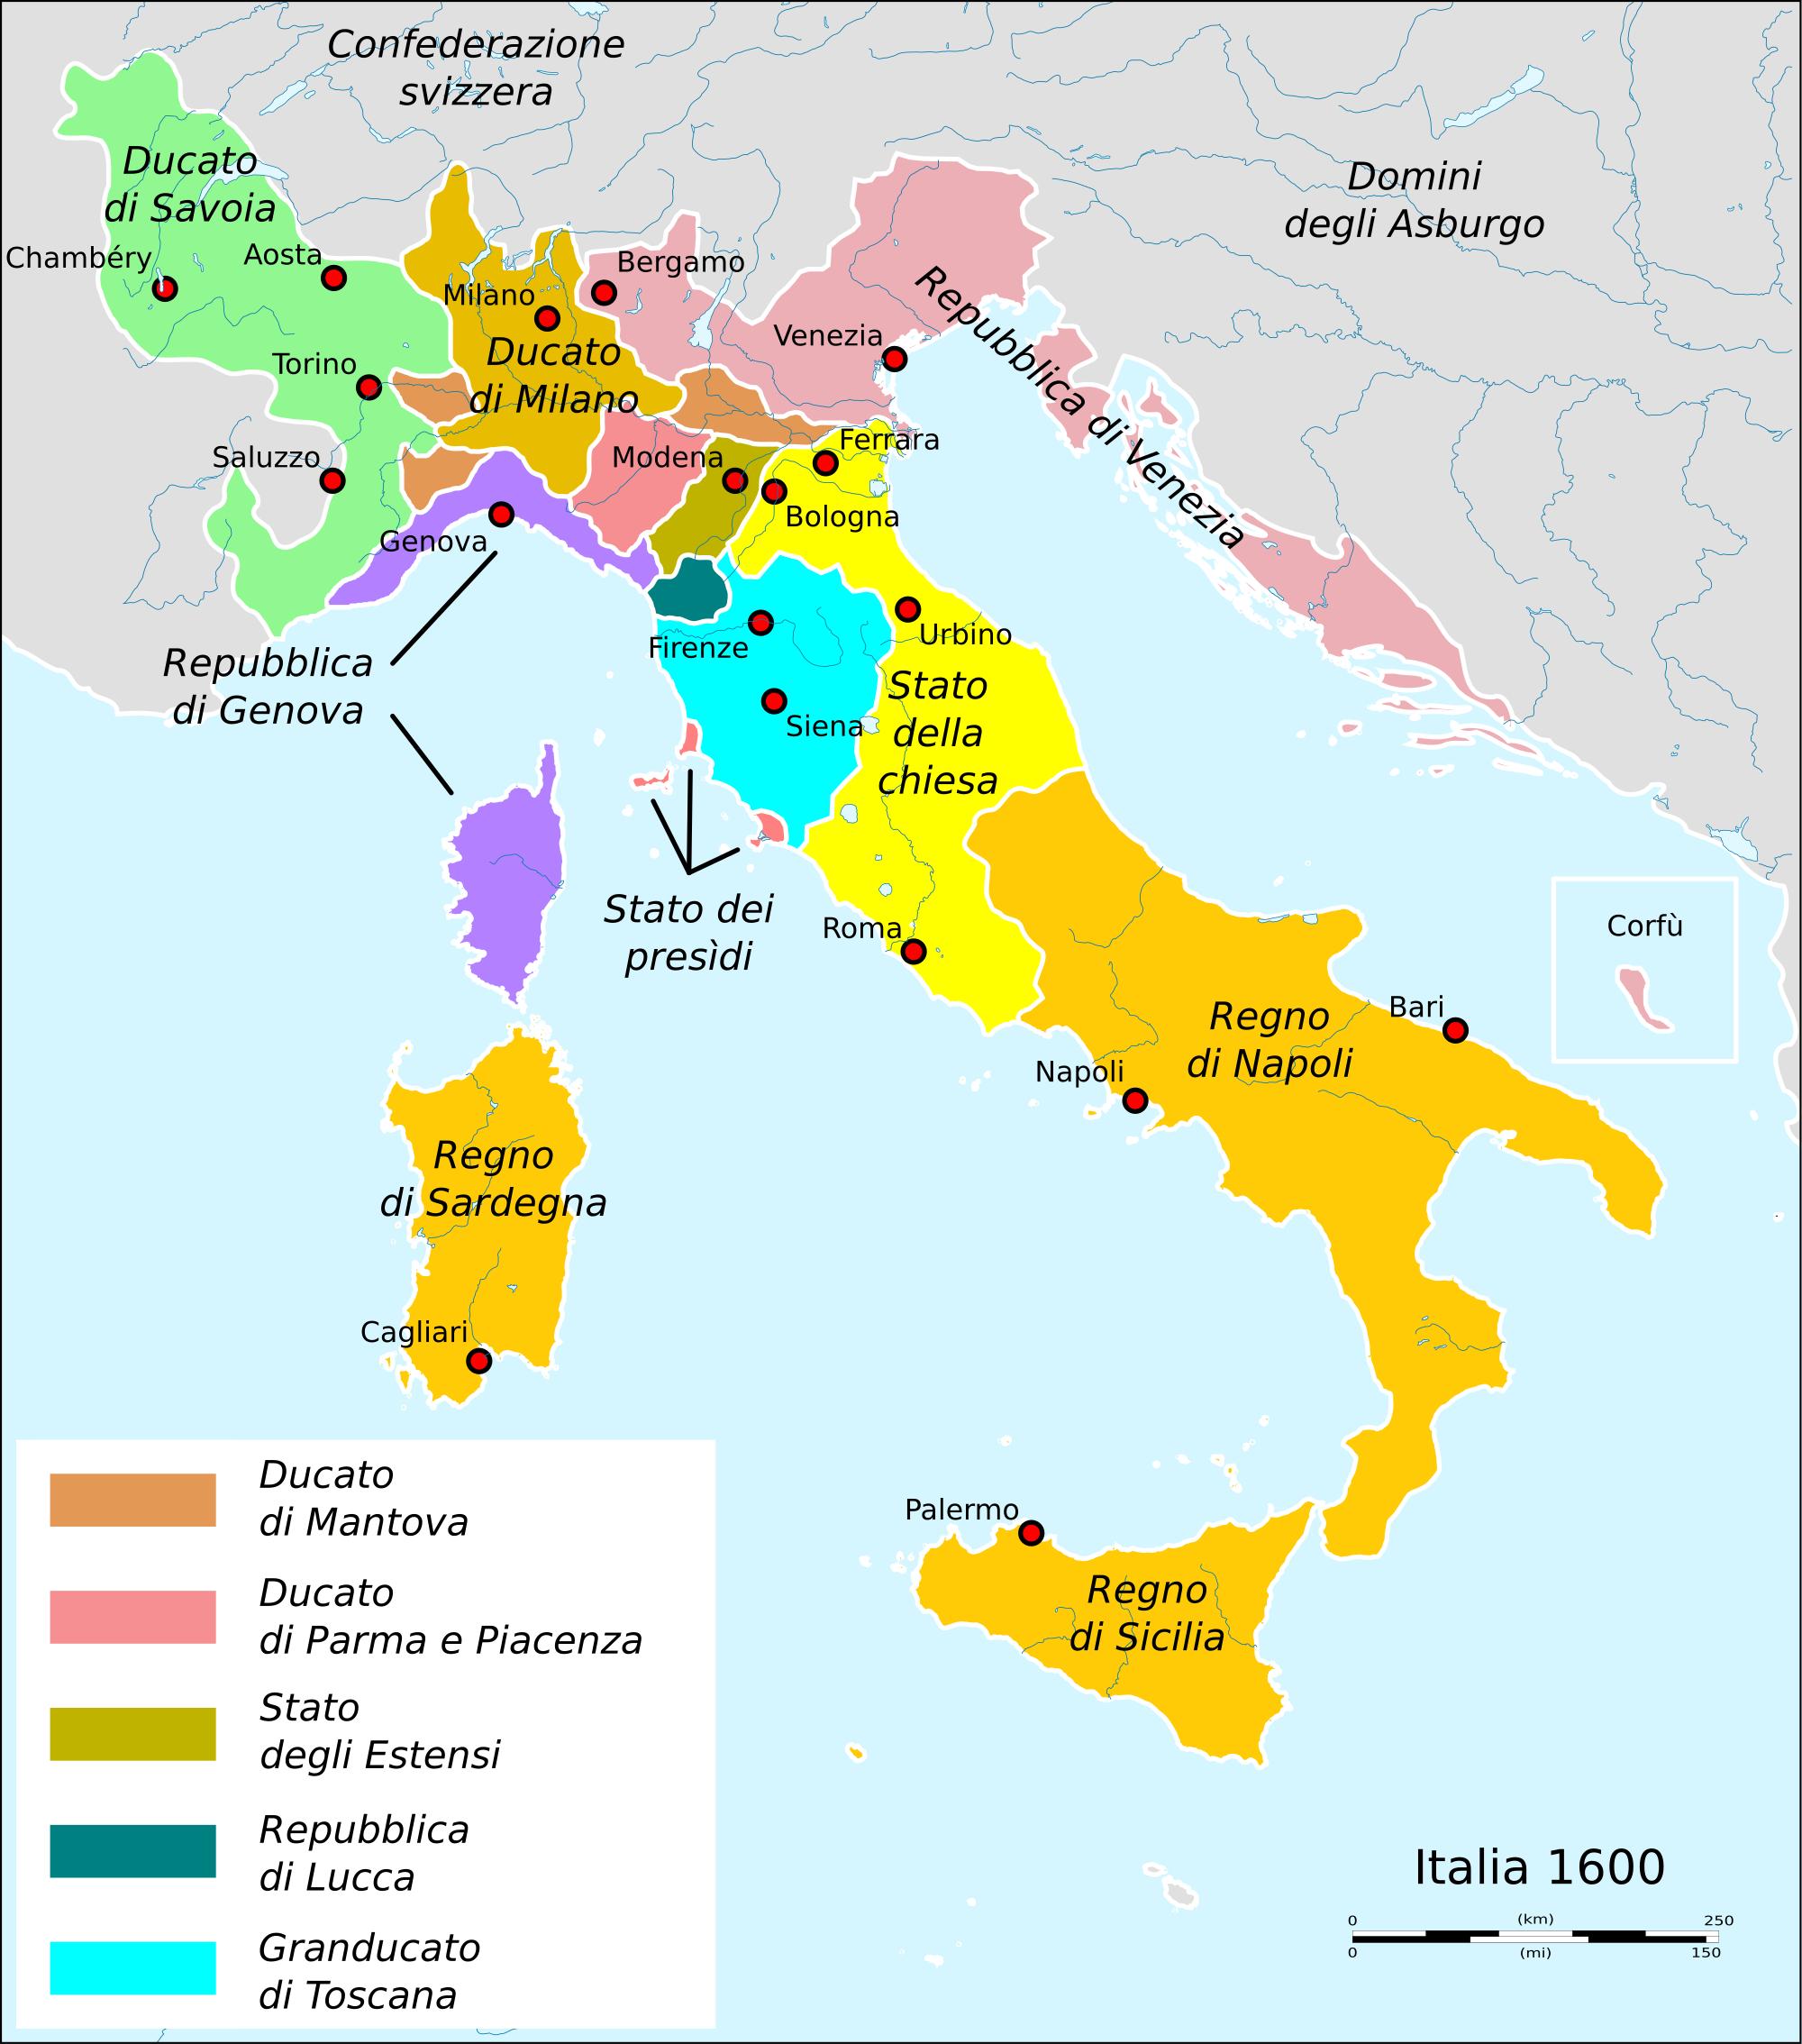 Cartina Italia Siena.Cartina Storiografica Italia Del Seicento Cerca Con Google Italia Siena Corfu